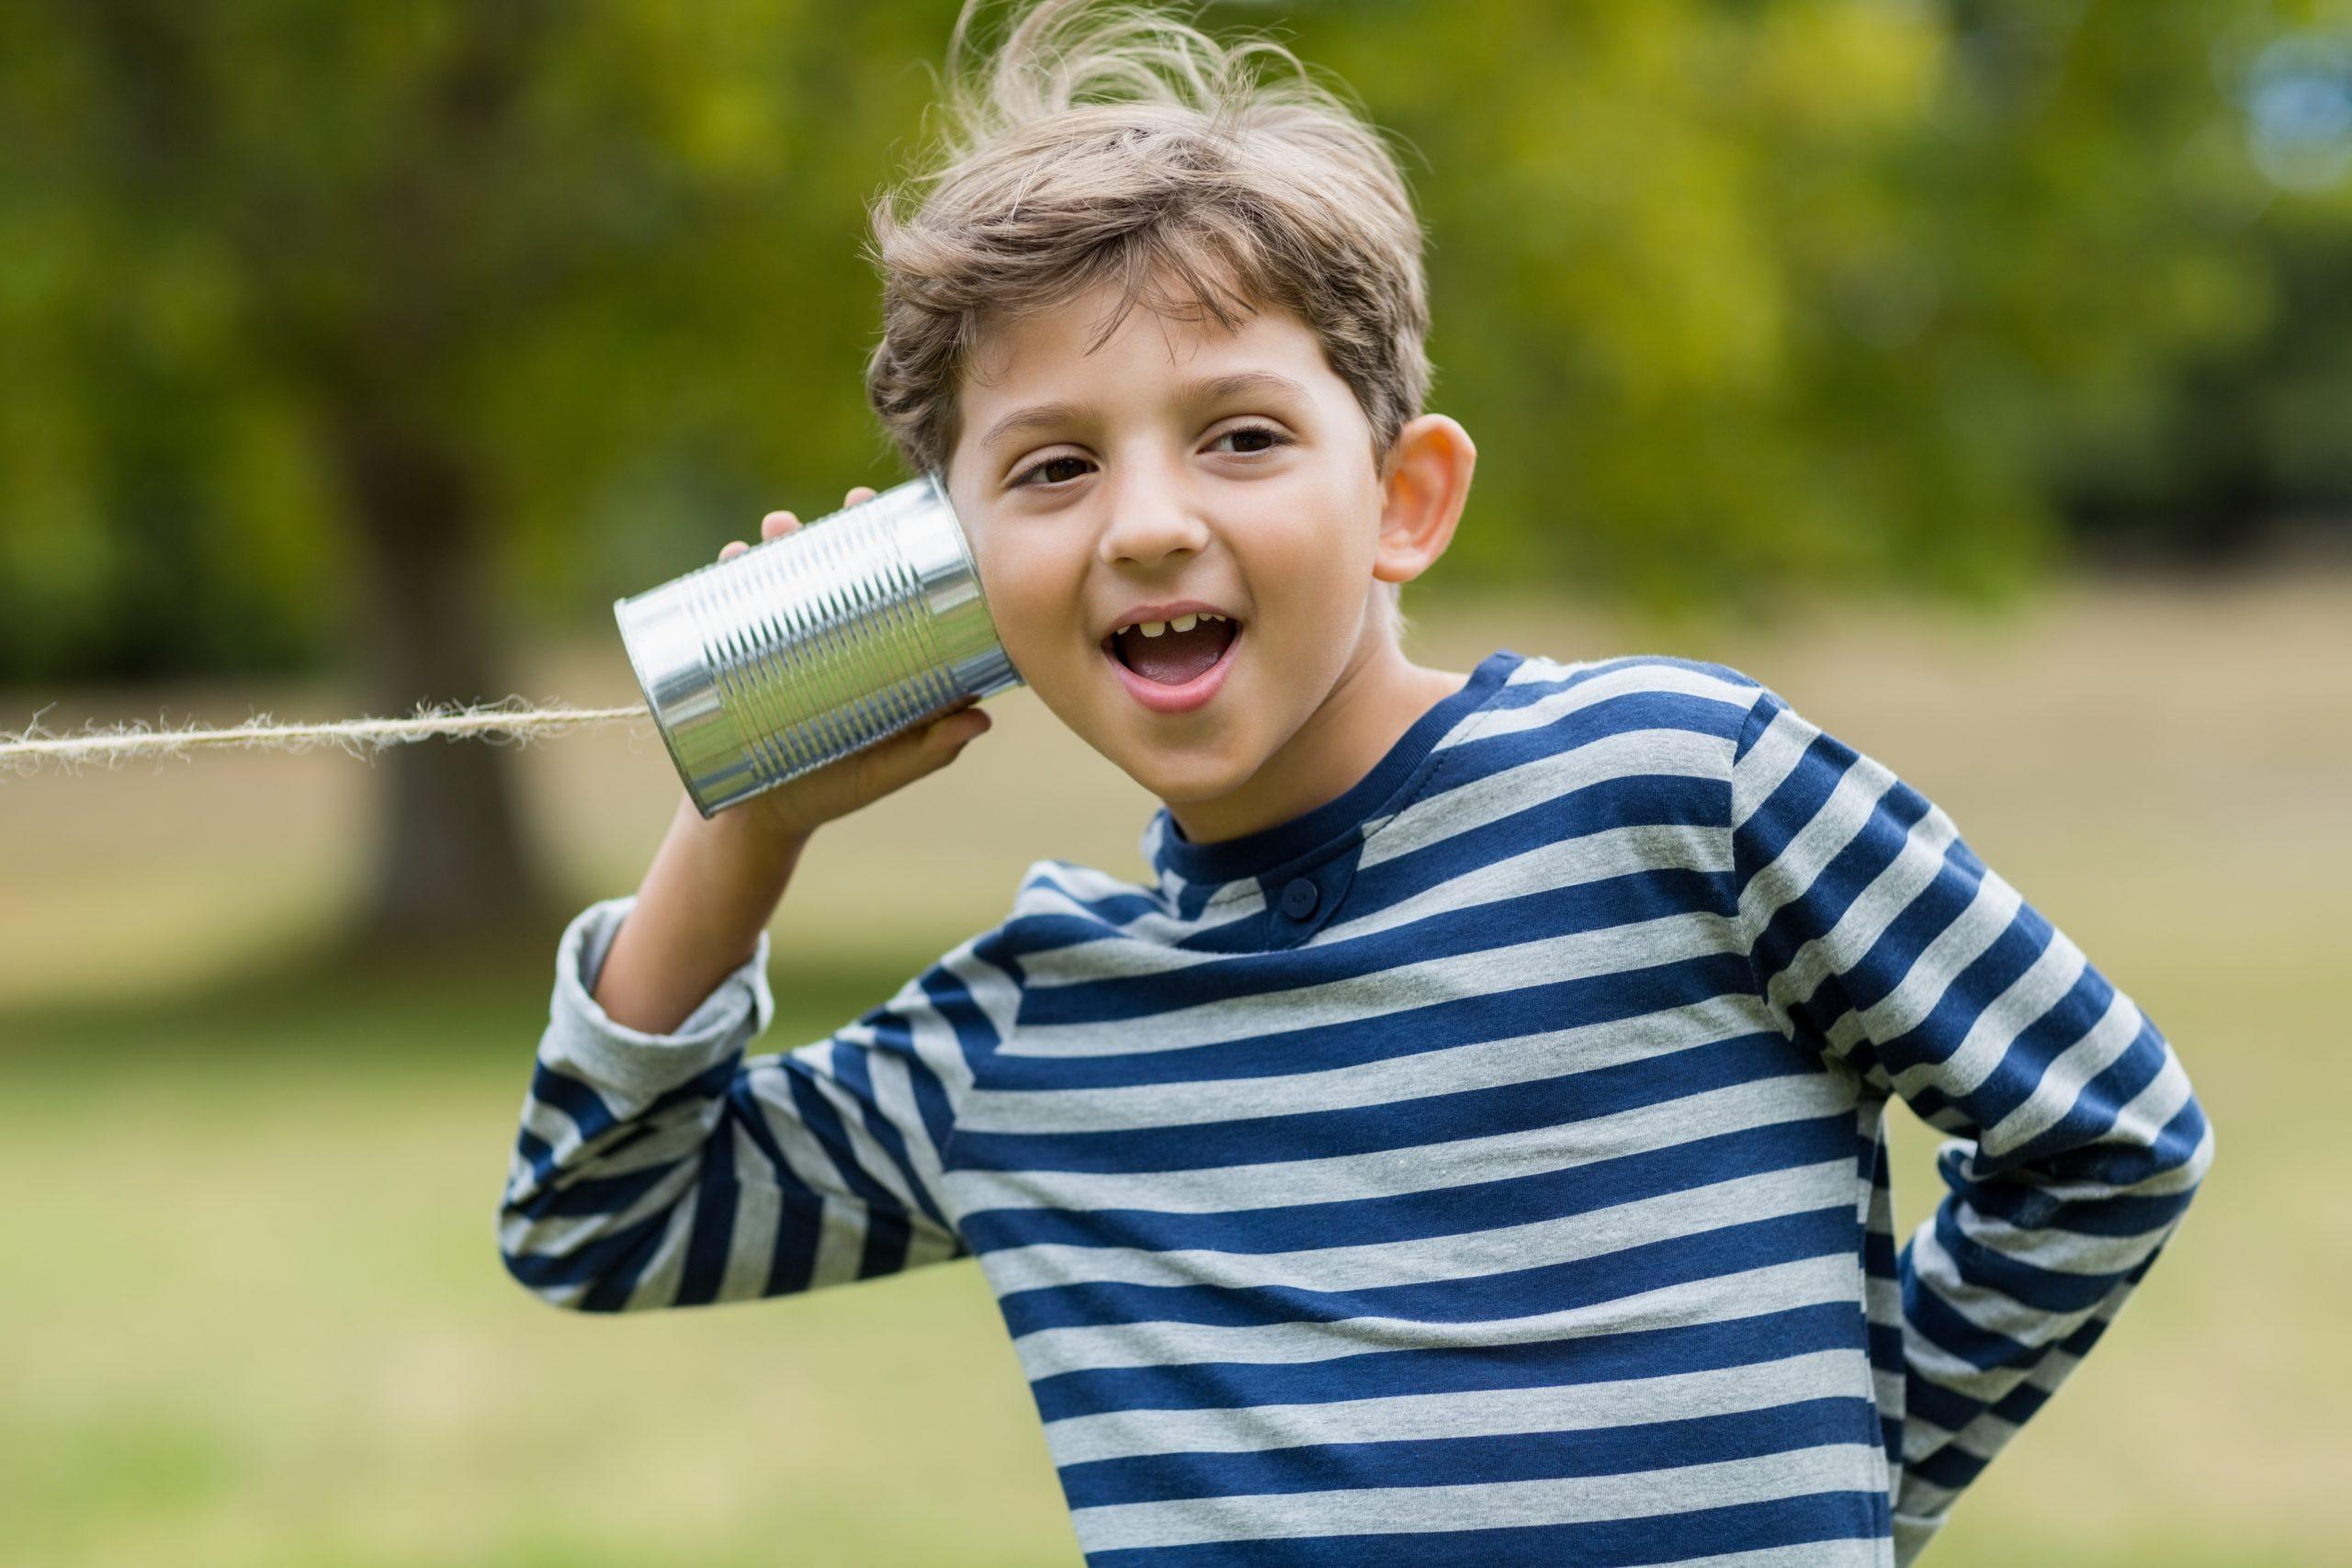 L'éducation auditive pour les enfants sourds de 0 à 12 ans : entendre, écouter, comprendre – Visioconférence